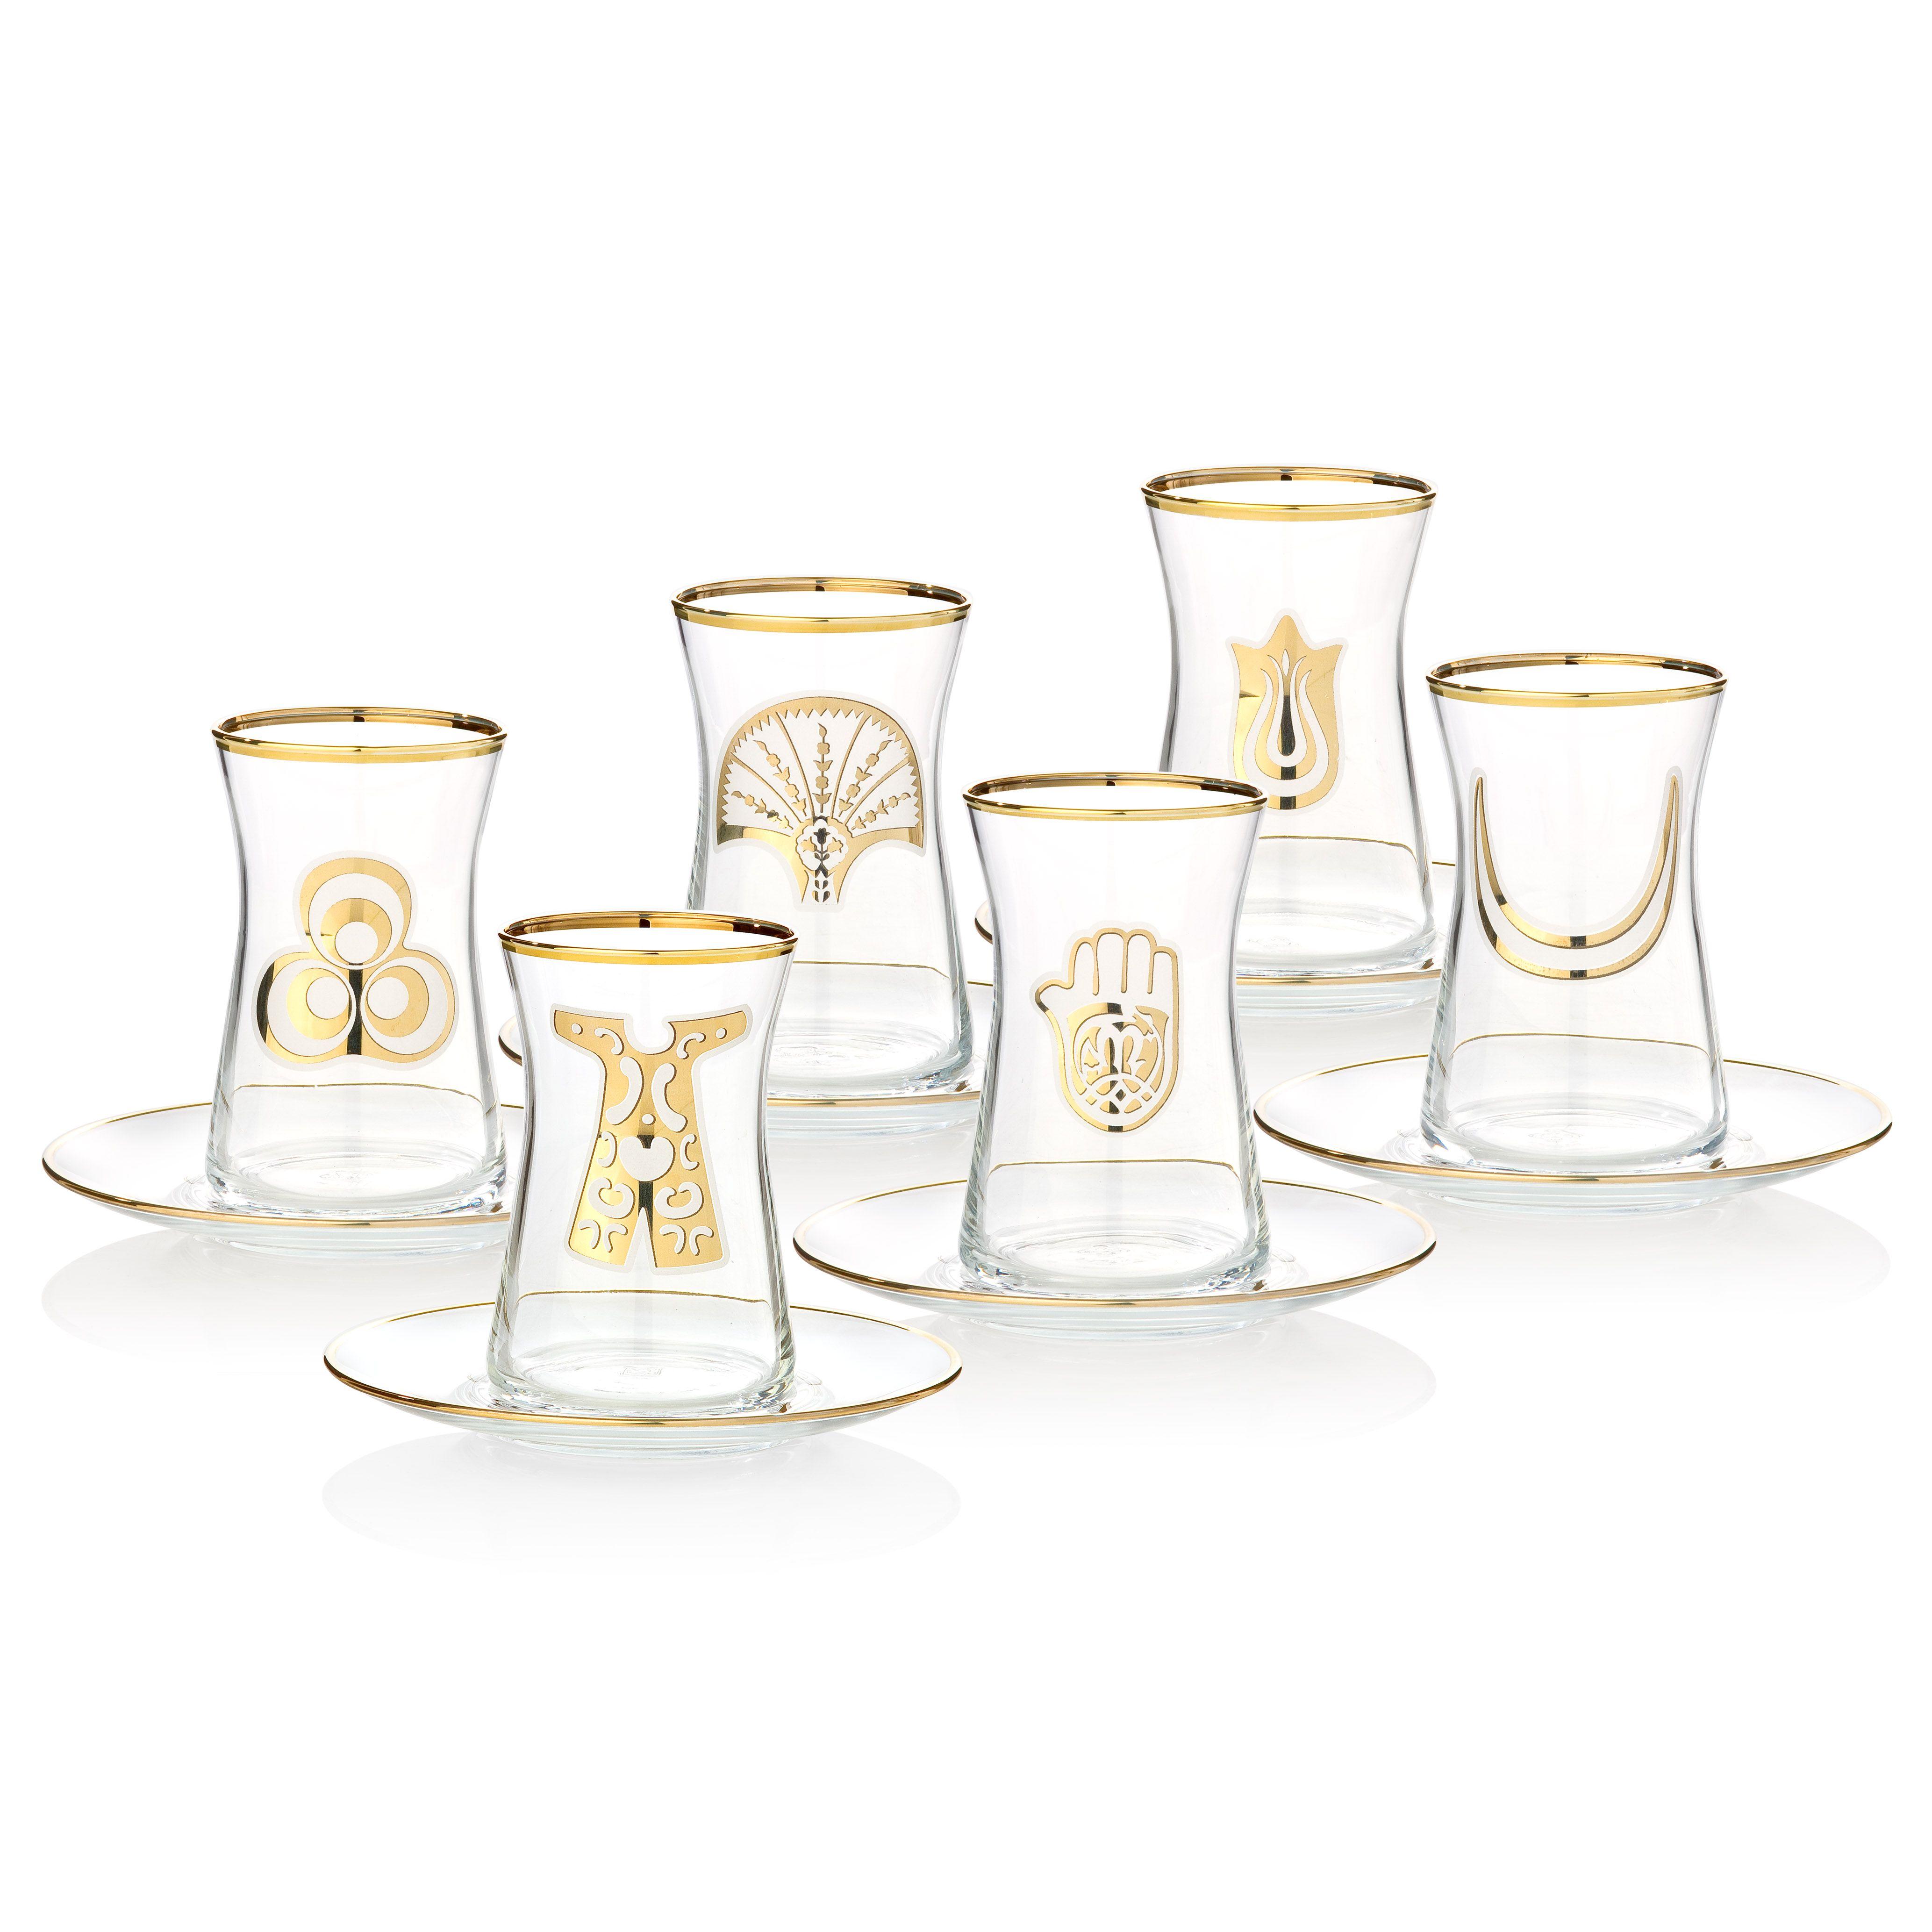 bernardo osmanlı serisi Çay seti  tea glass set bernardo glass  - bernardo osmanlı serisi Çay seti  tea glass set bernardo glass ottoman